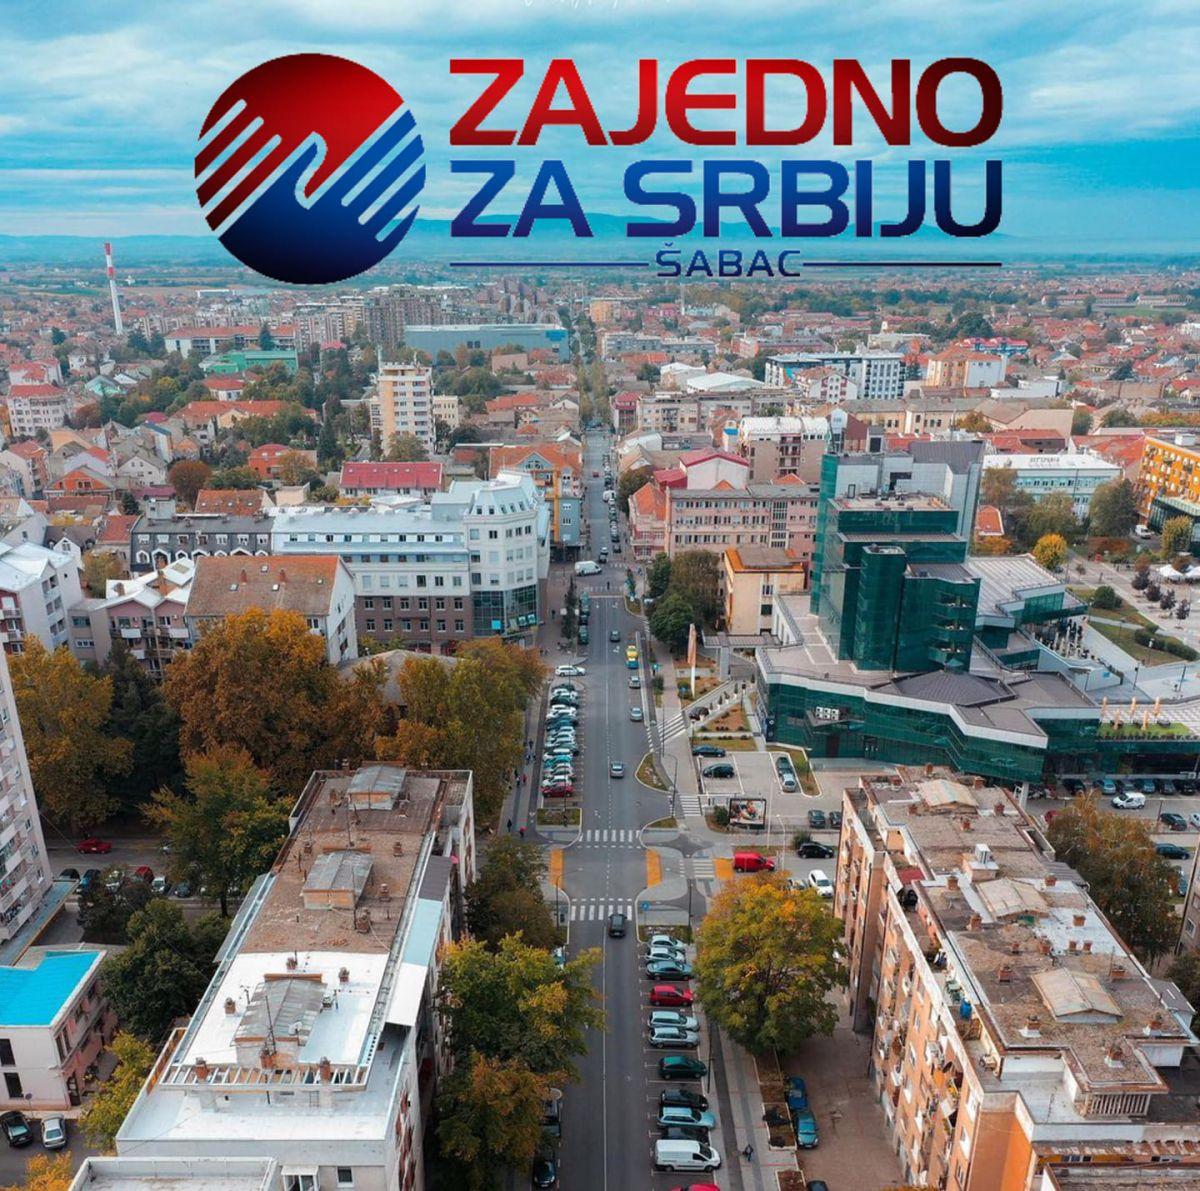 Zajedno za Srbiju Šabac